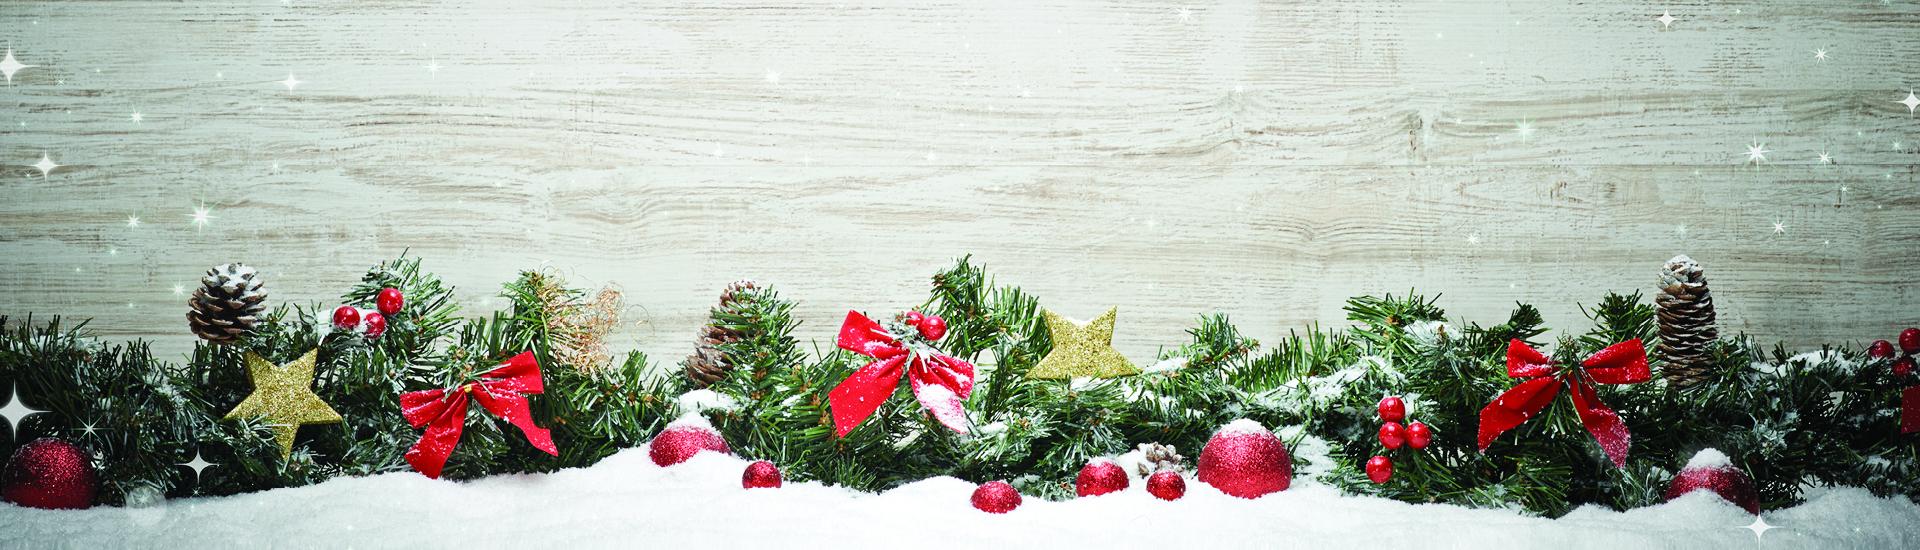 Weine - Bestseller für Ihr Weihnachtsfest! 12/2016 - Slider